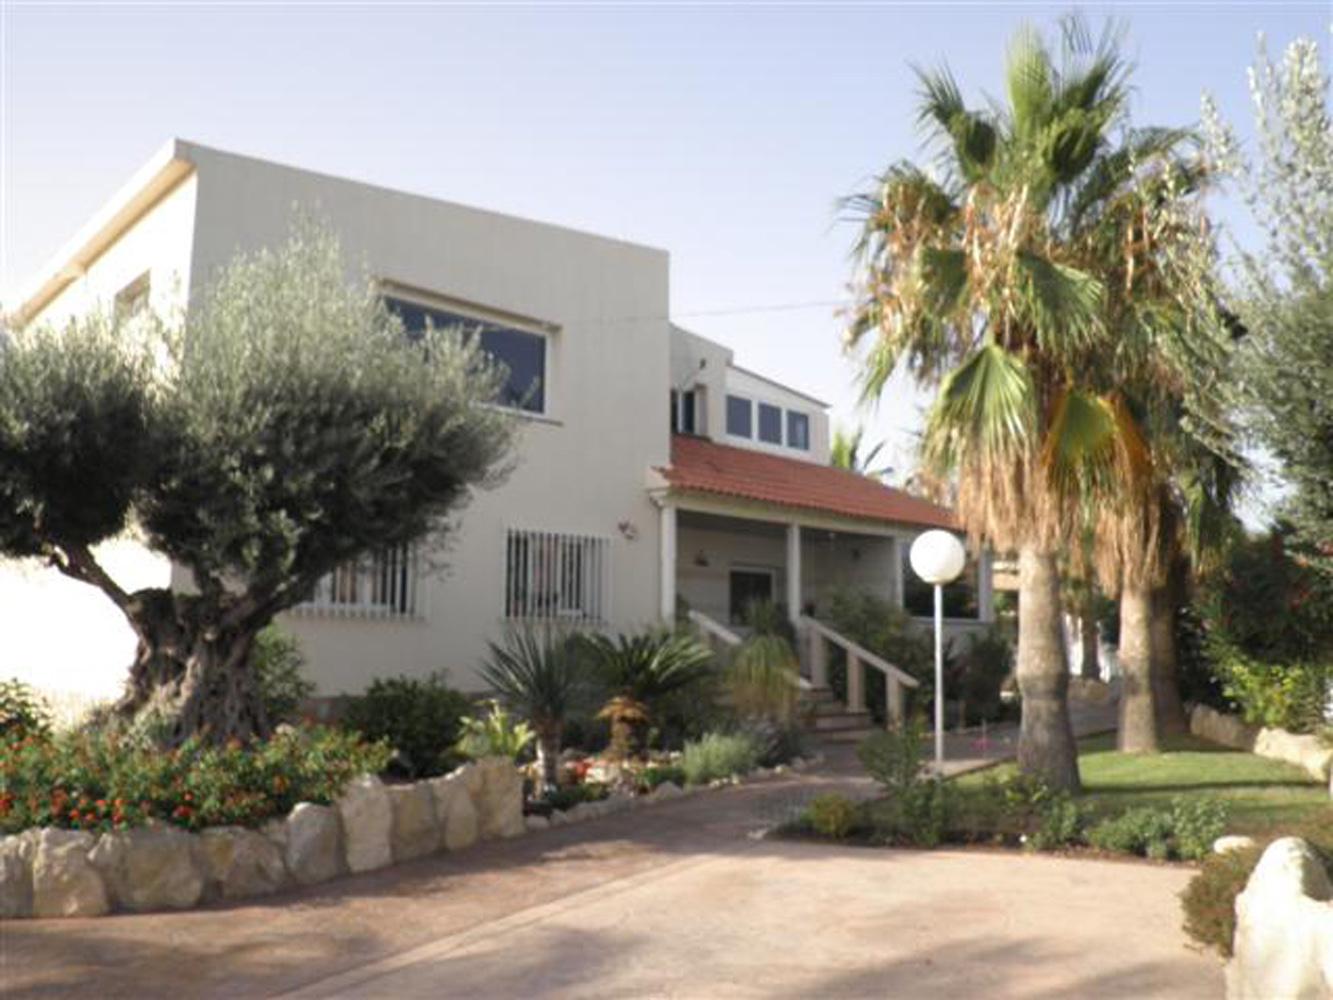 Villa olivera en san vicente del raspeig comprar y vender casa en calp benidorm altea - Spa san vicente del raspeig ...